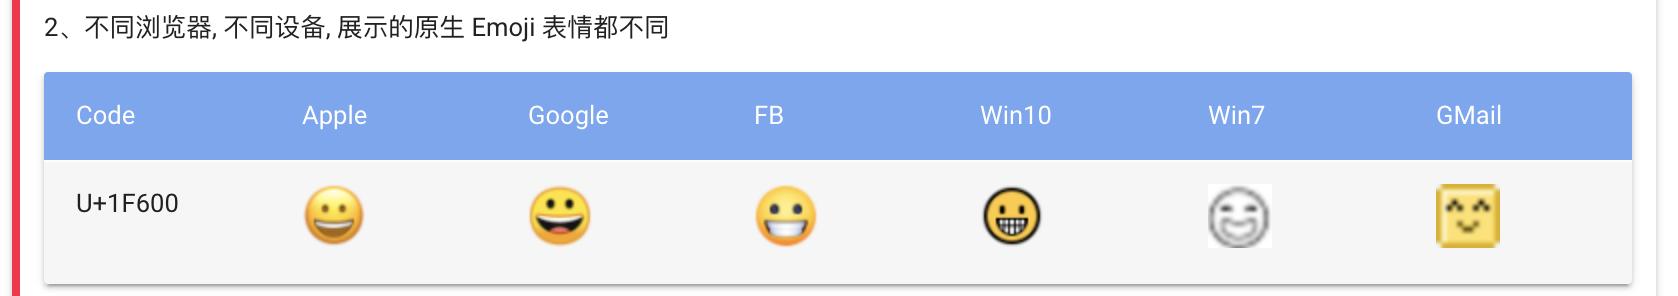 https://wyh29.gitee.io/image/emoji-client.png